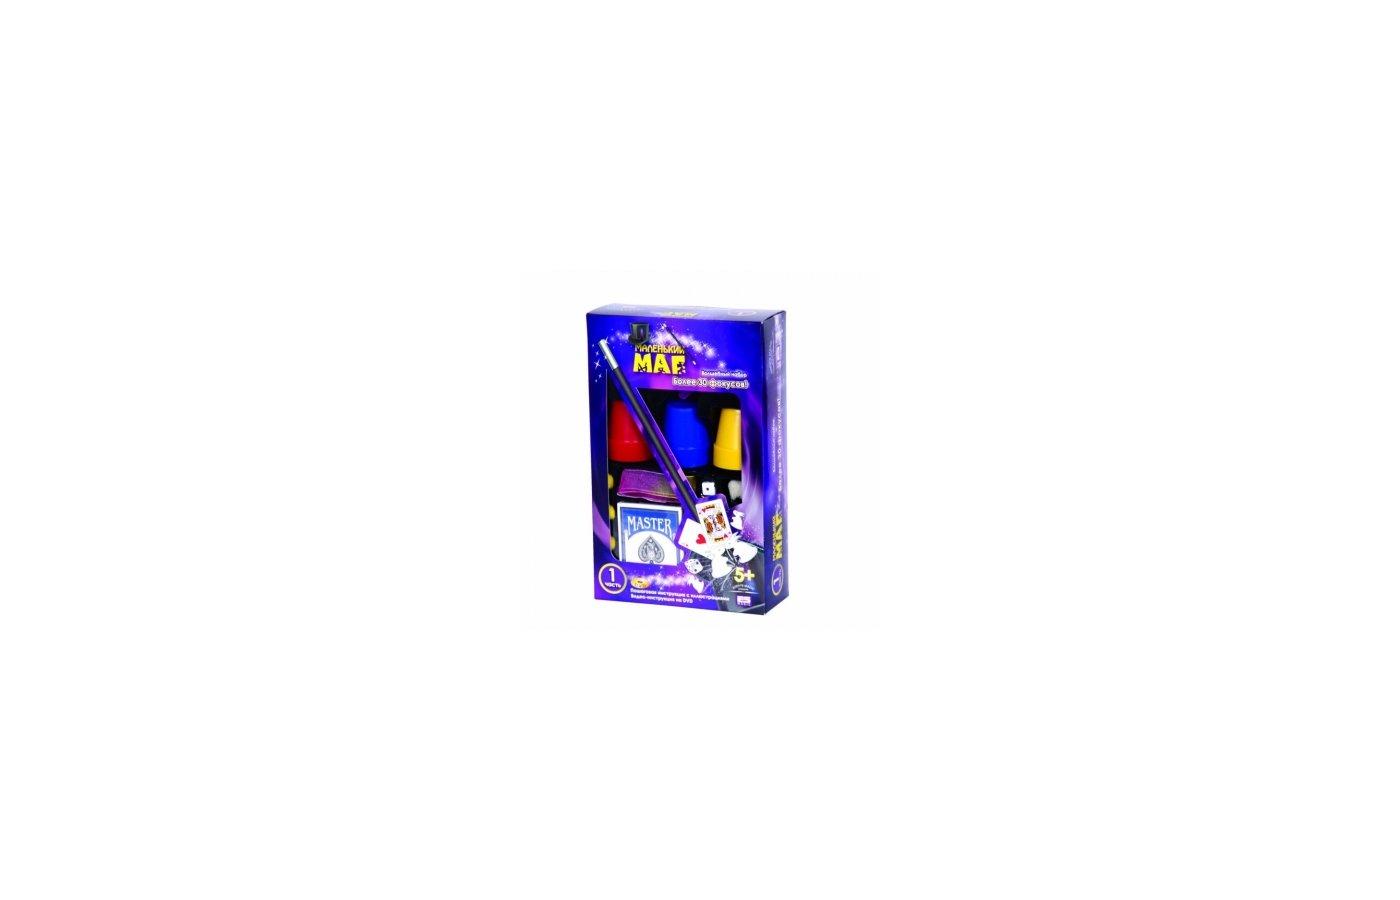 Маленький маг MLM1702-001 Набор №1 30 фокусов